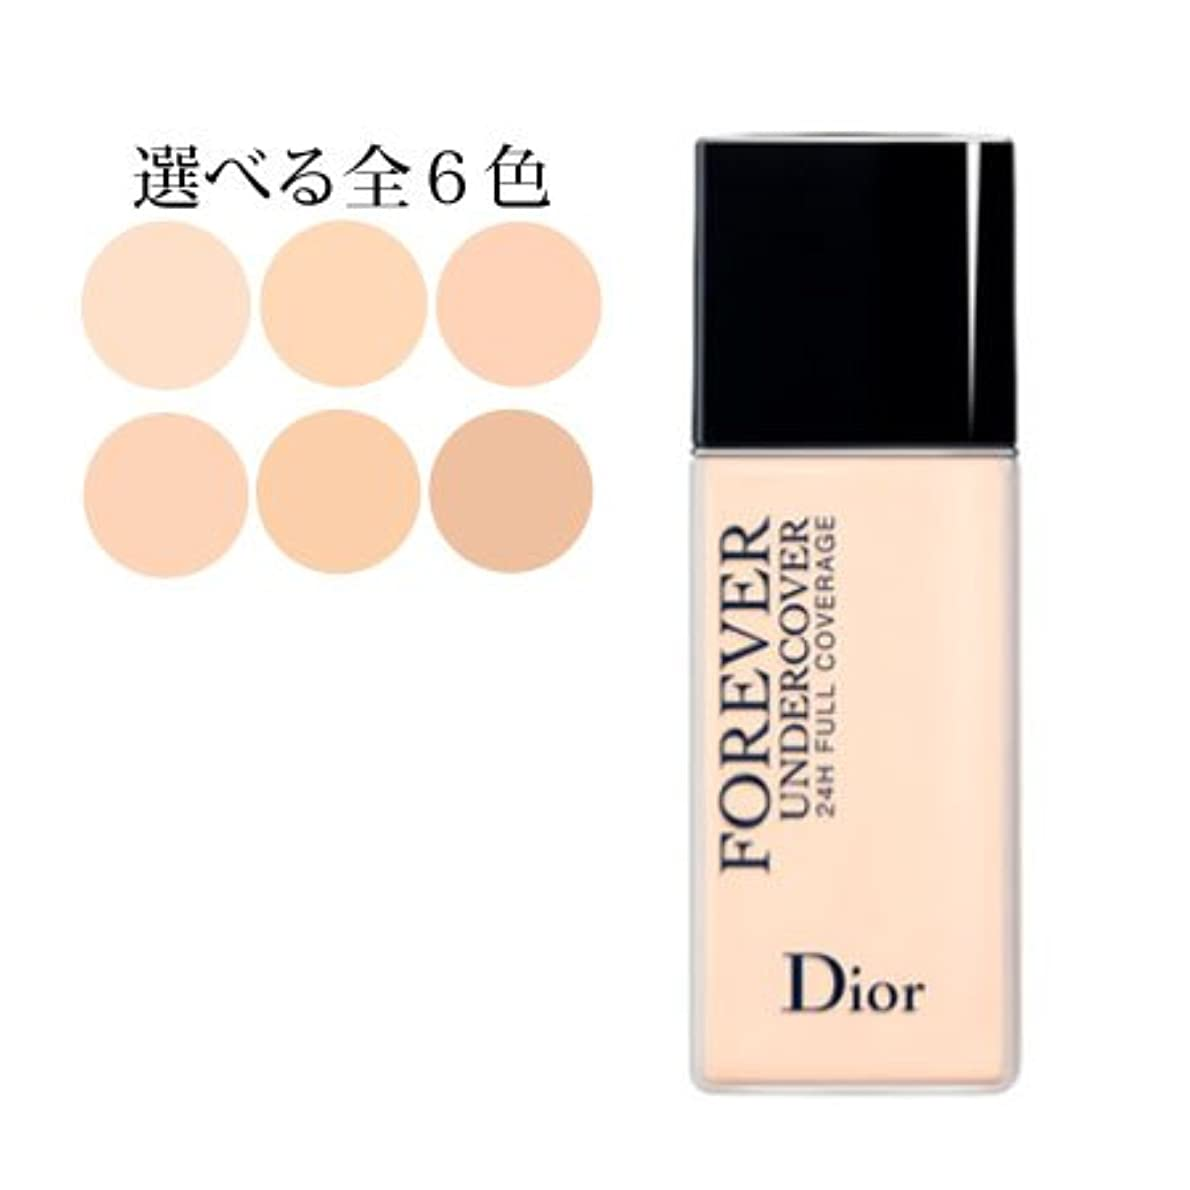 送信する手錠過言ディオールスキン フォーエヴァー アンダーカバー 選べる6色 -Dior- 020